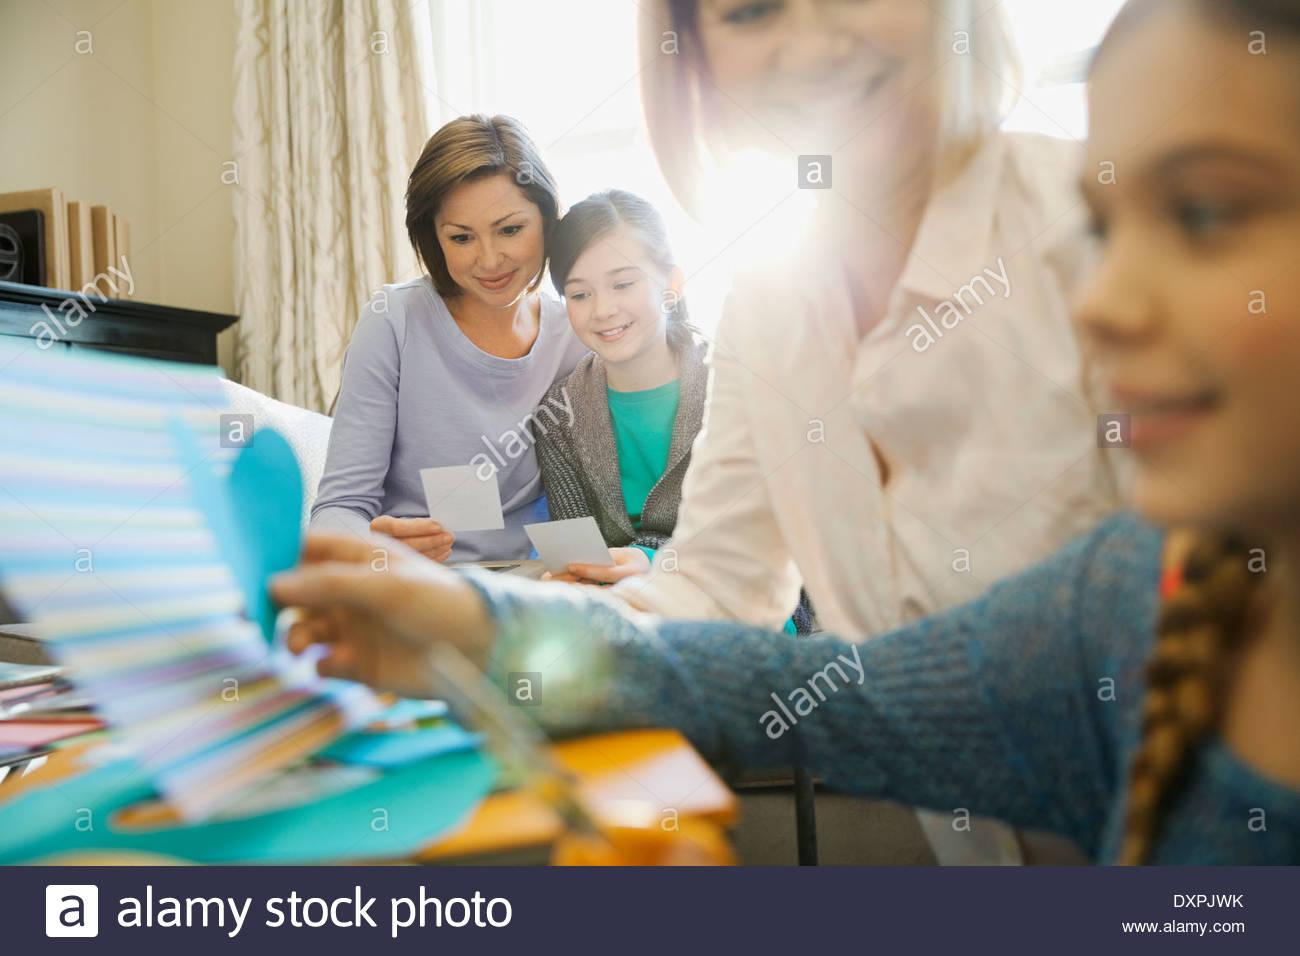 Madre e hija sonriendo mirando fotos mientras scrapbooking Imagen De Stock